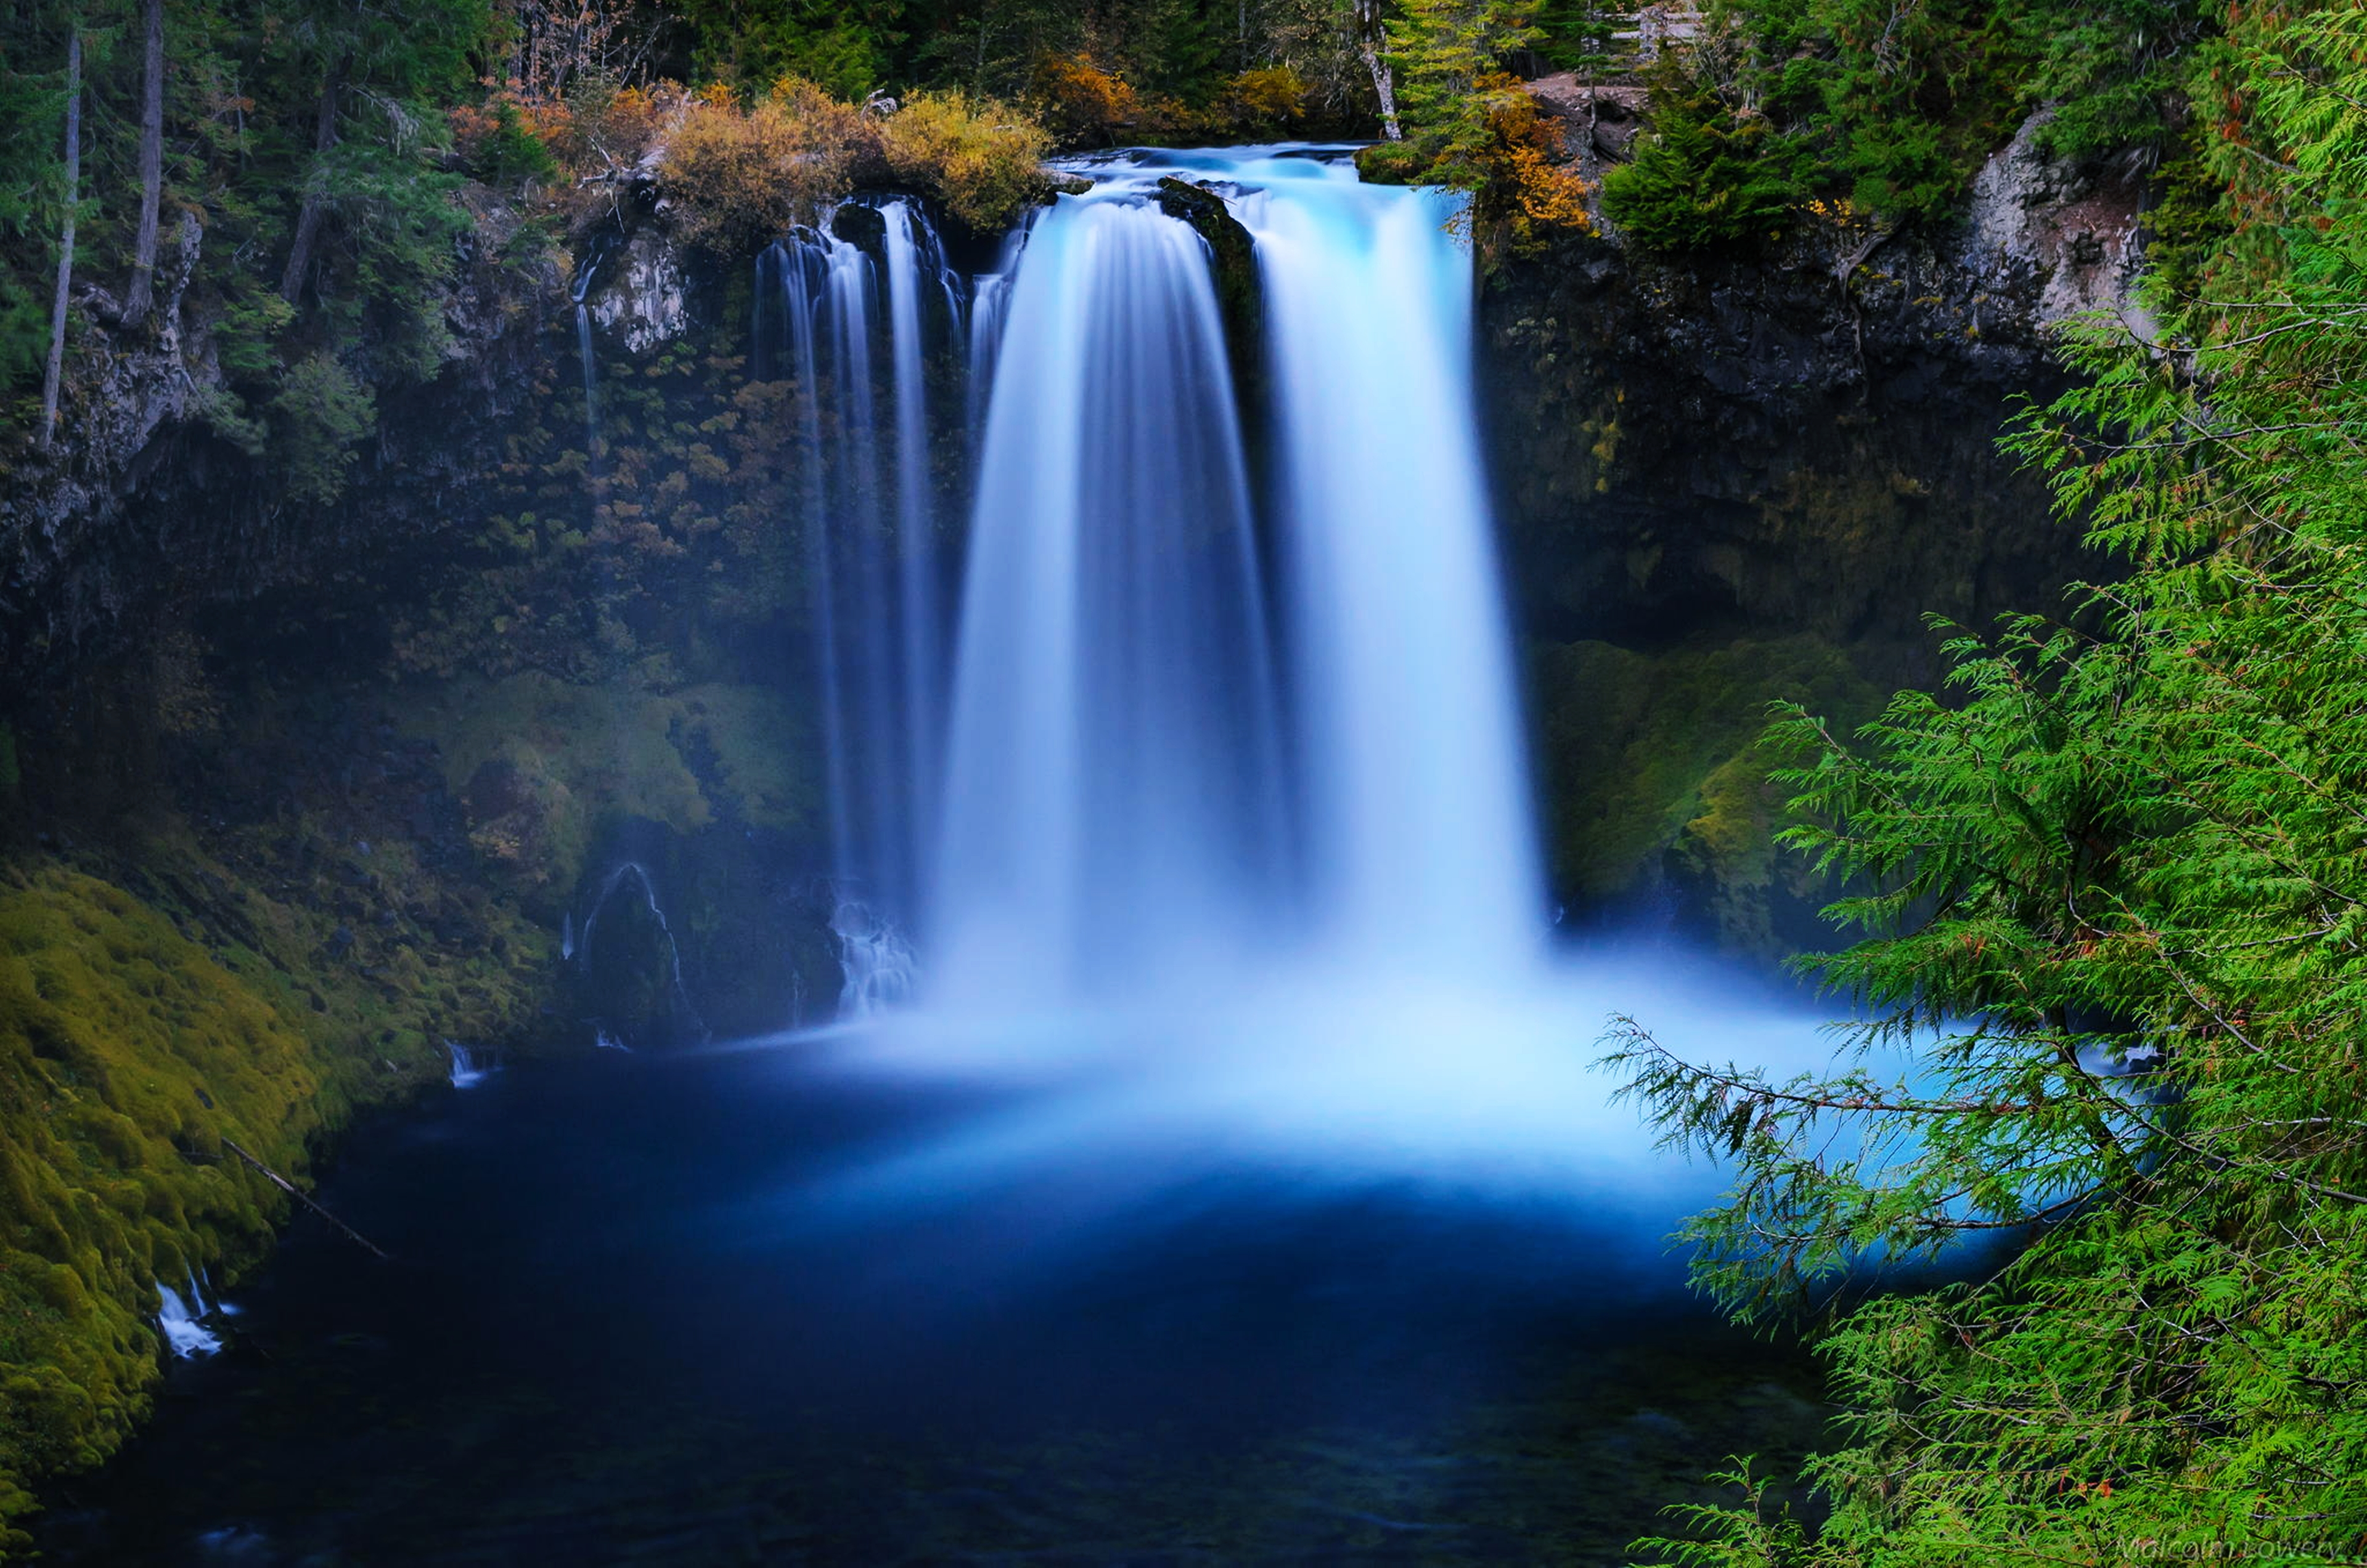 Lake Landscape Nature River Waterfall 3840x2544